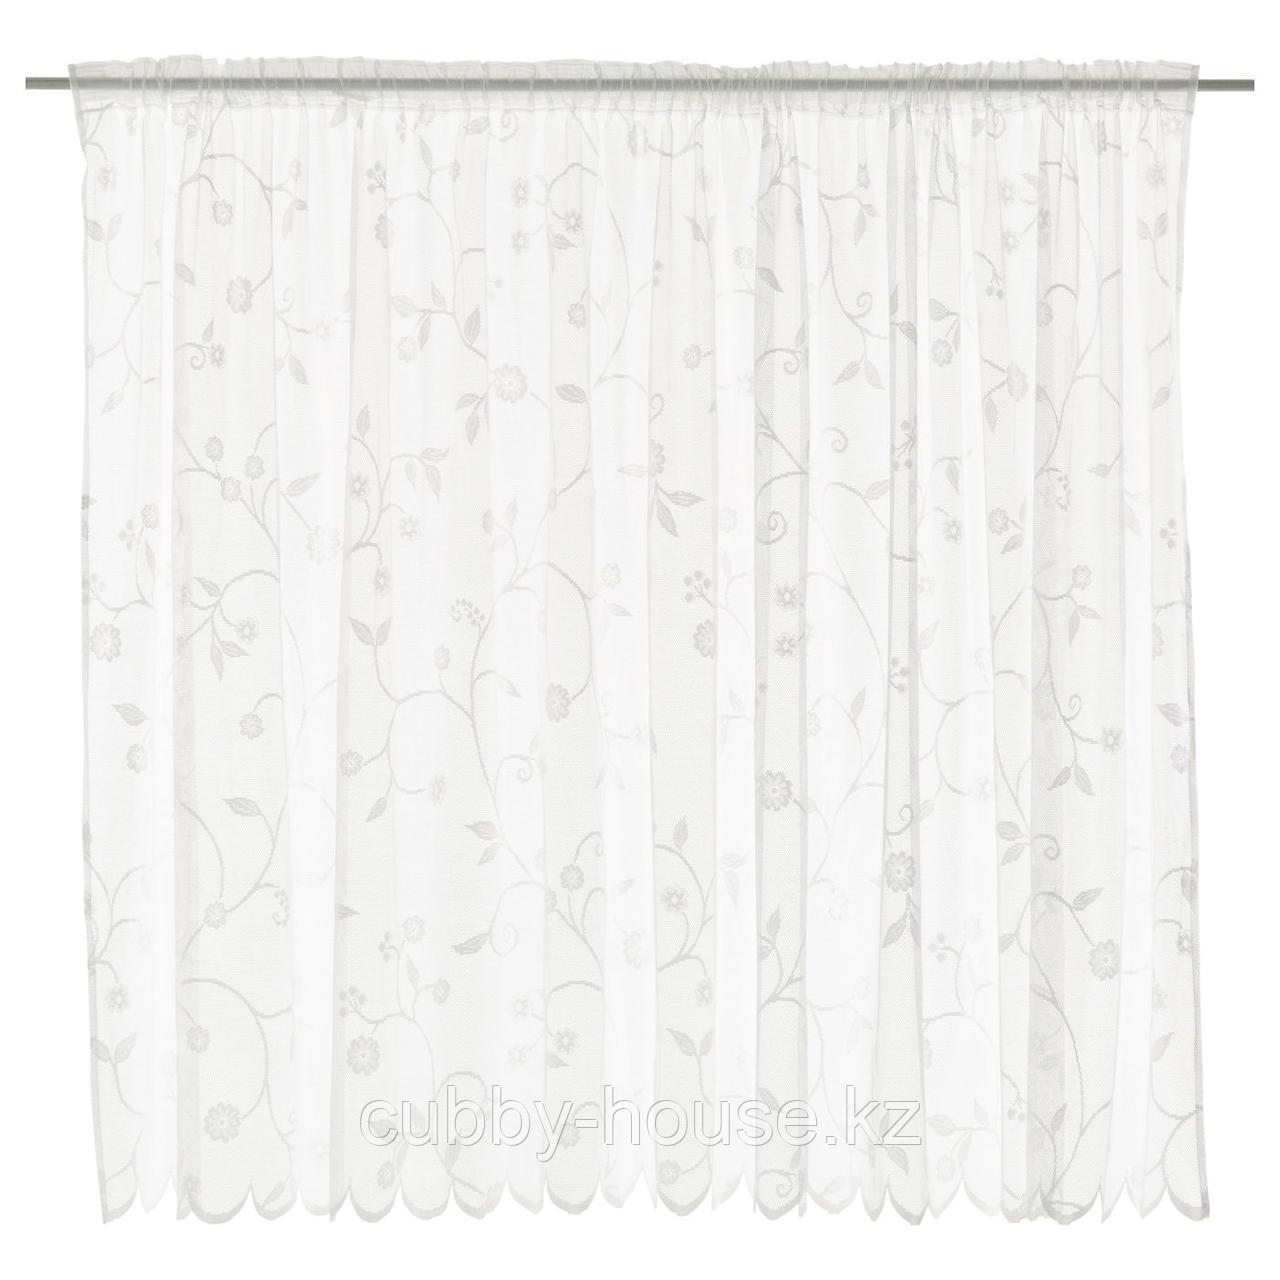 РОТФИБЛА Гардина, белый с оттенком, 300x165 см